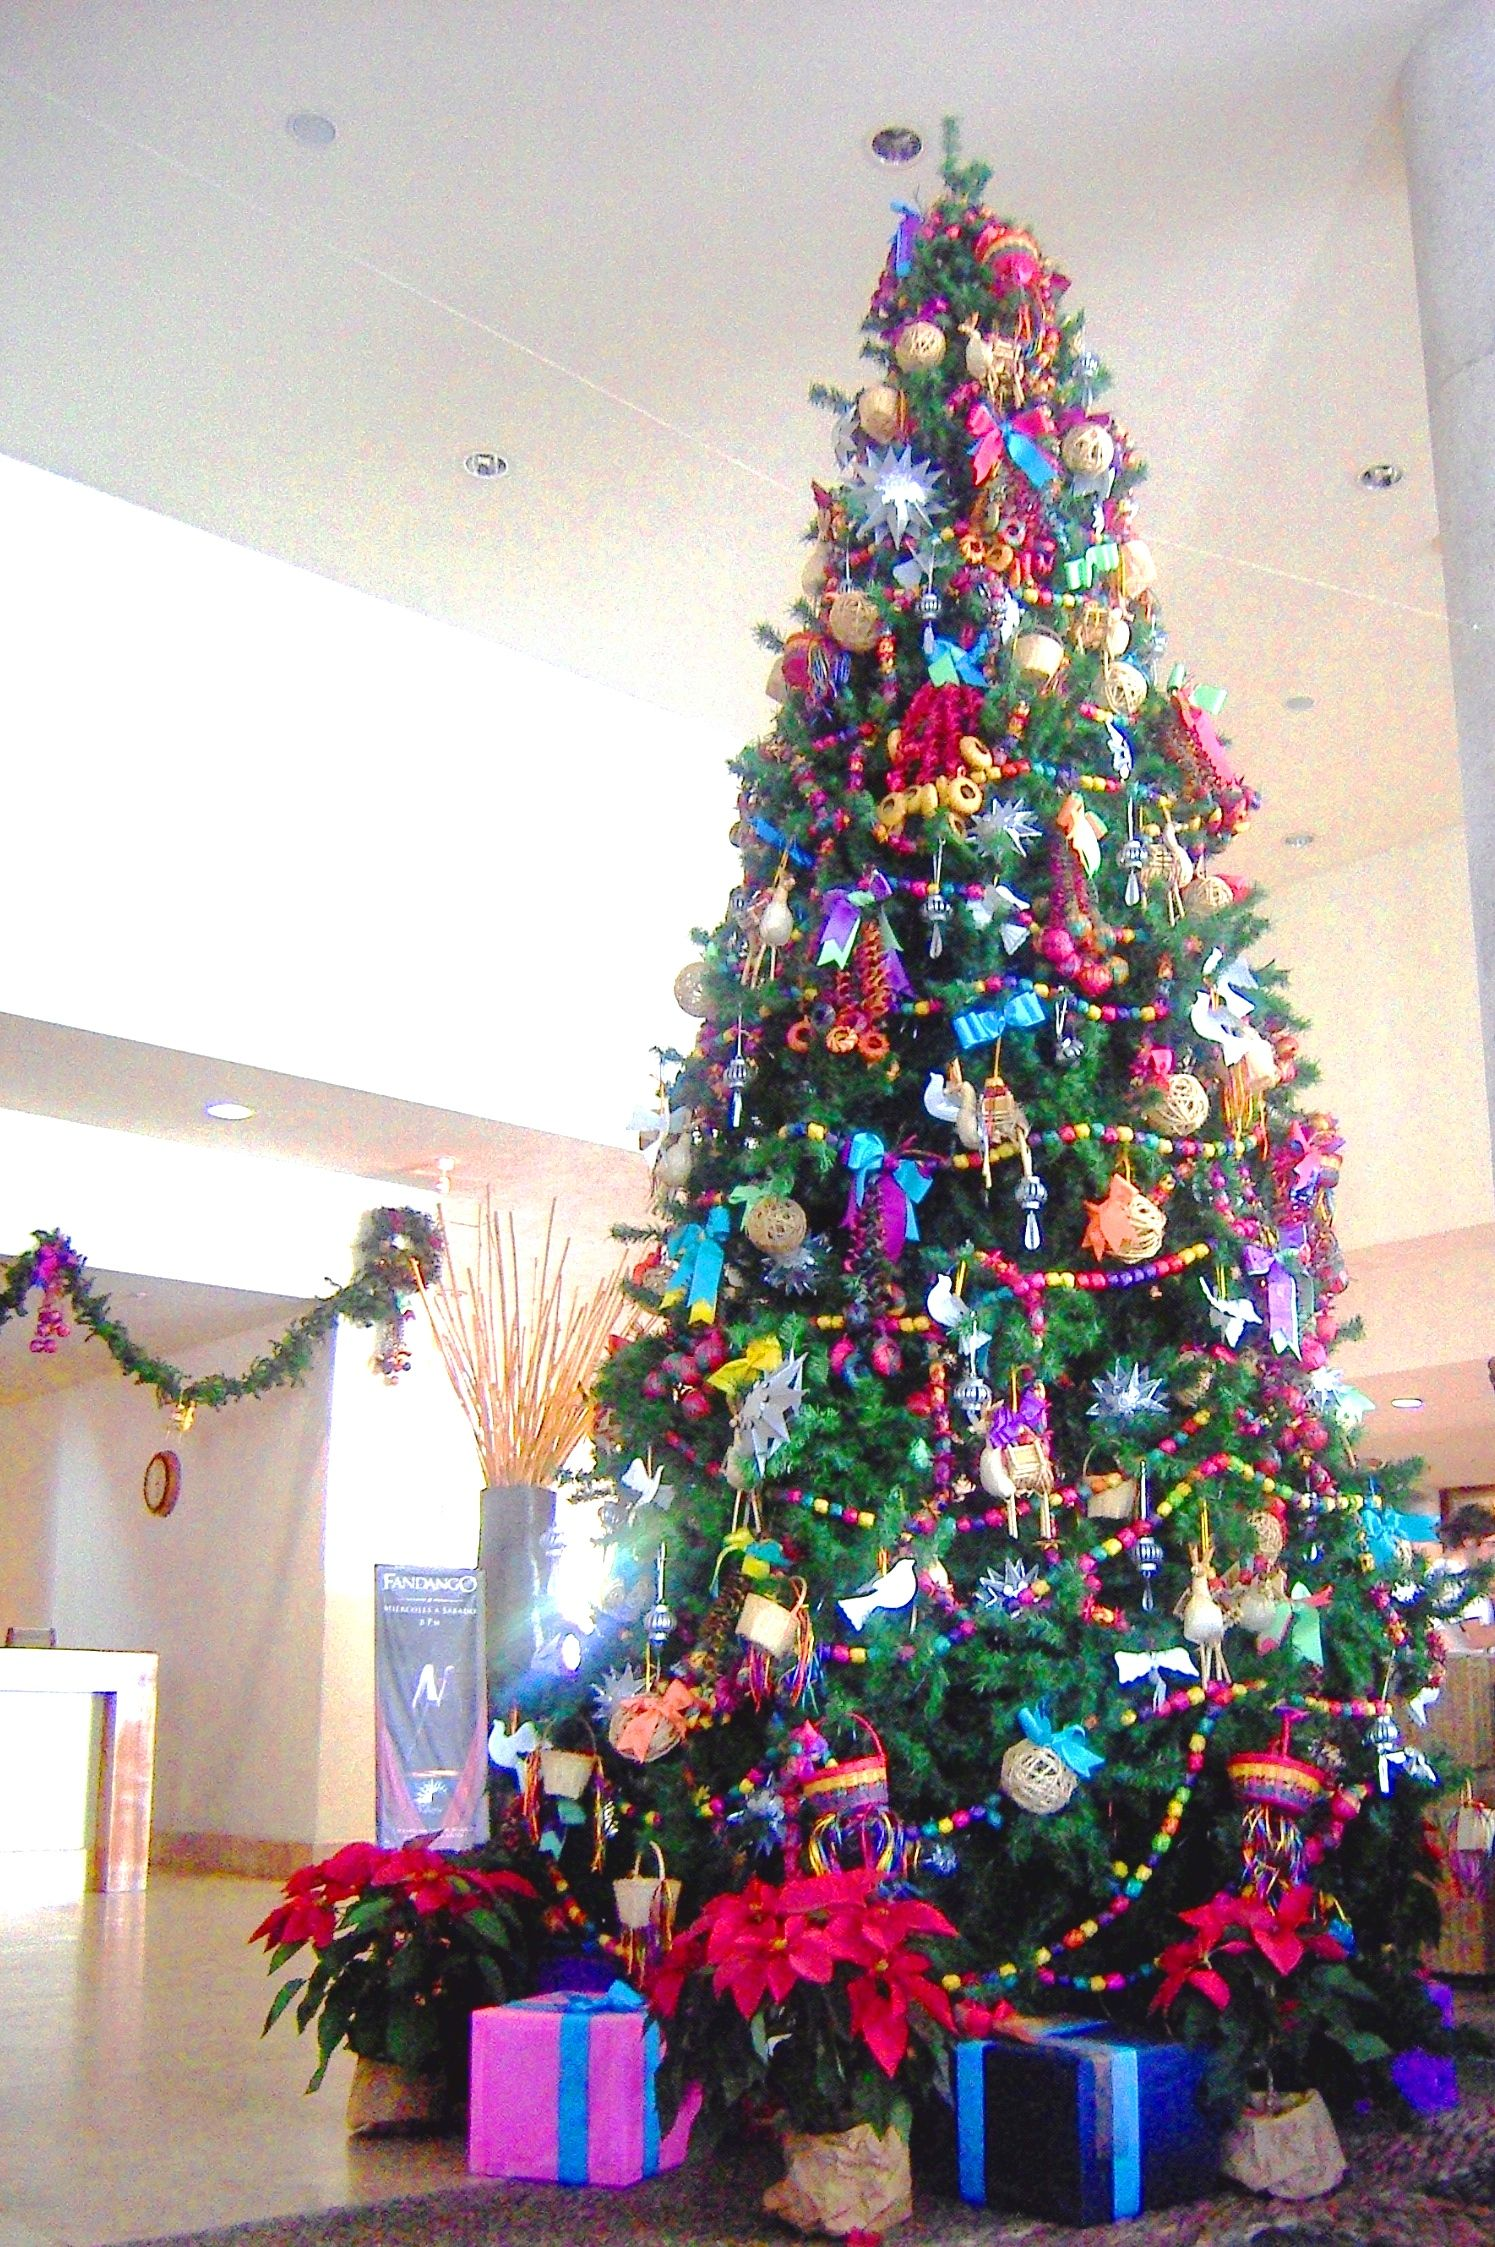 Rbol de navidad mexicano navidad mexicana - Decoraciones de arboles de navidad ...